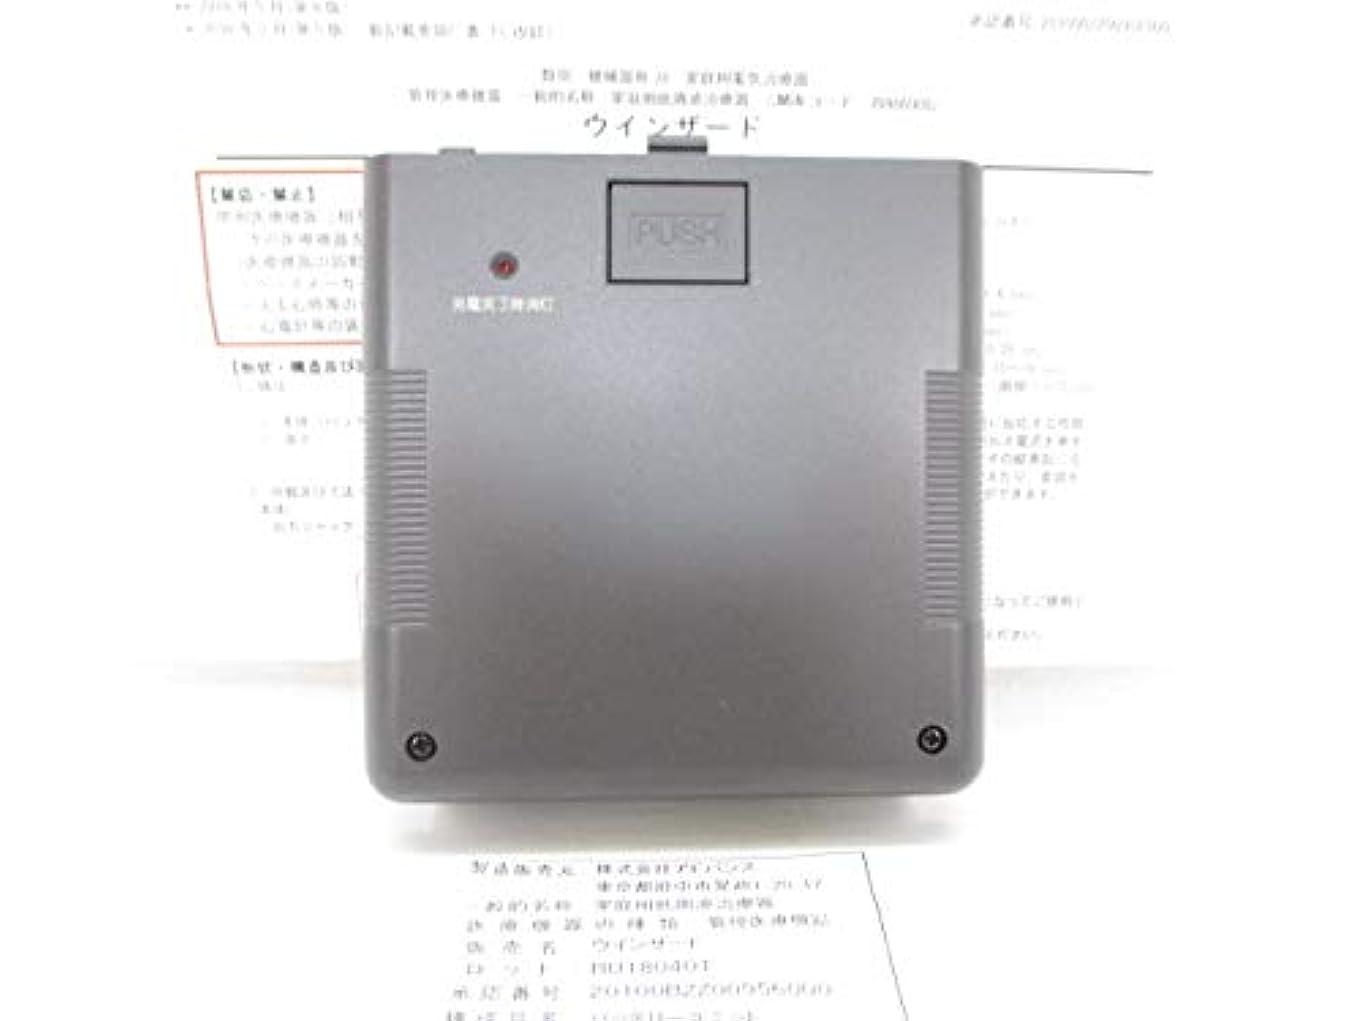 リブ密度スペクトラムアドバンス低周波治療器?ウィンザード 専用?バッテリーユニット「純正部品」